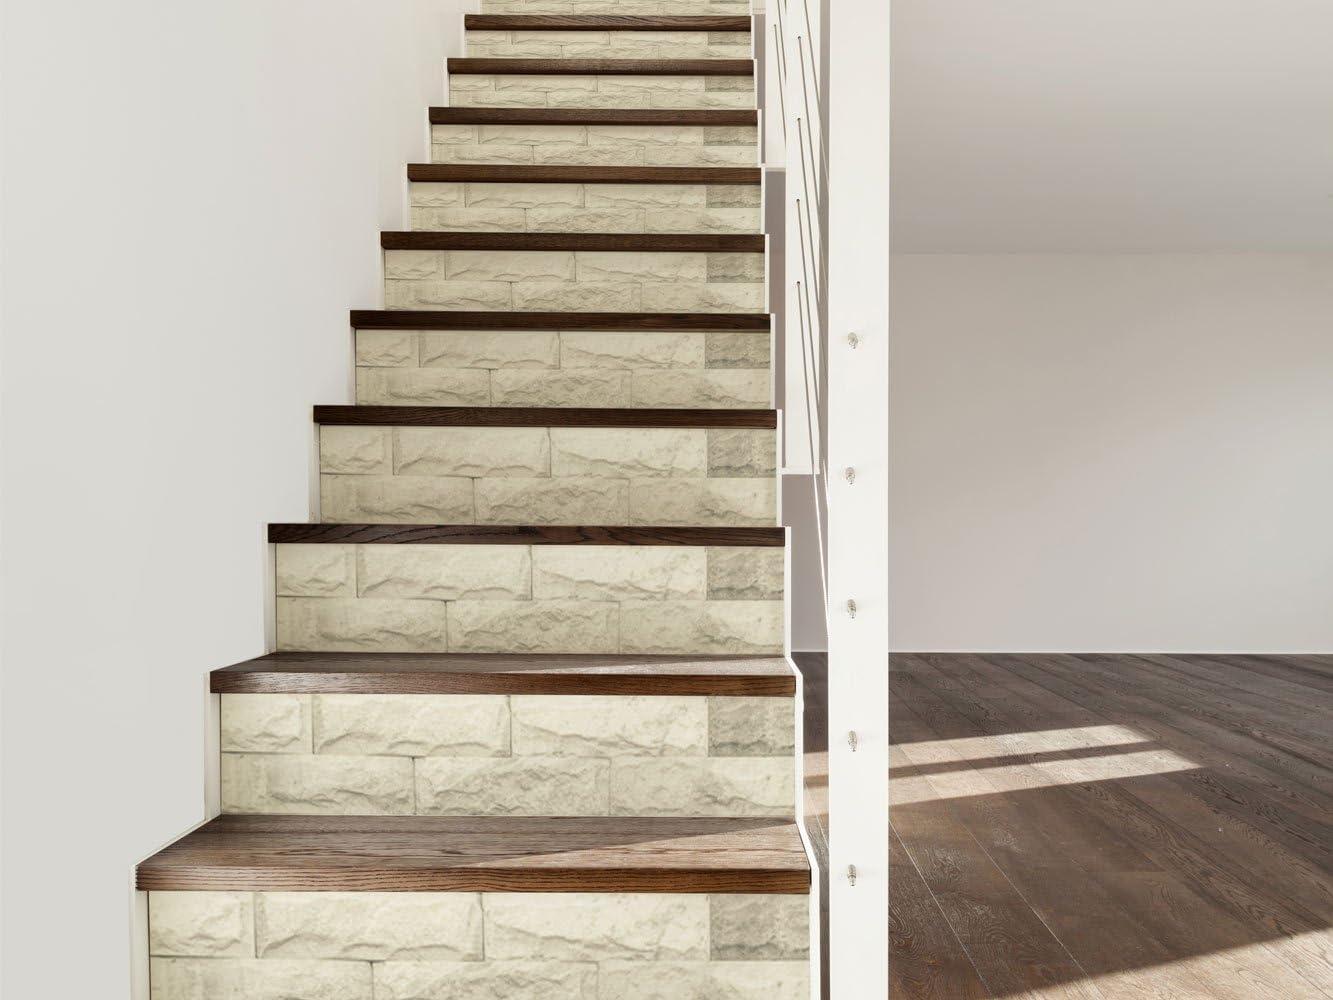 Vinilo para Escaleras Imitación Textura Piedra Blanca | 16 Pegatinas Adhesivas Para Paredes Escaleras | Vinilo Decorativo | Varias Medidas 90 x 18 cm | Escaleras | Decoración Escaleras Huellas Contrahuellas: Amazon.es: Hogar